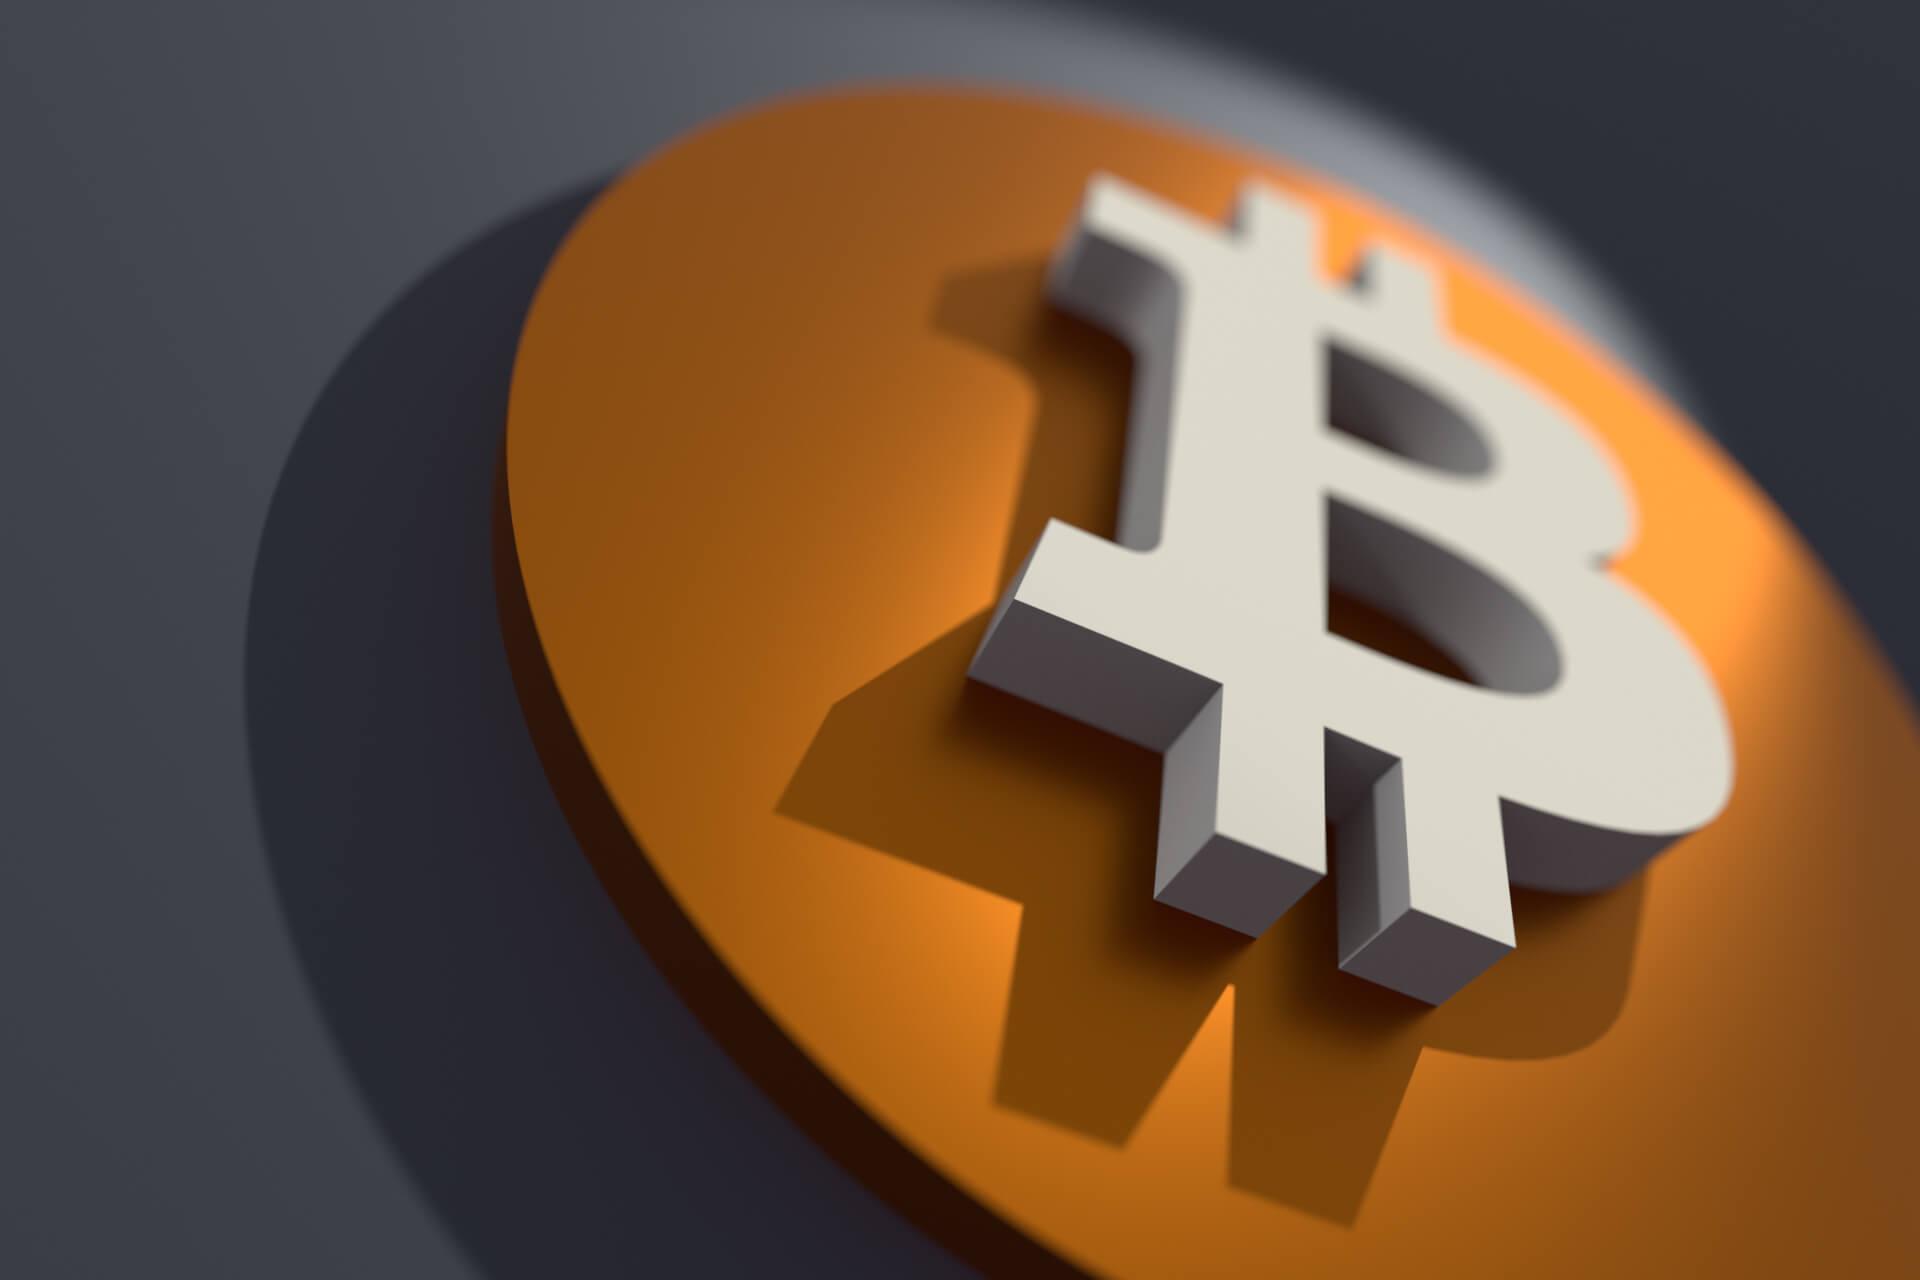 Bitcoin B Logo at angle free image download